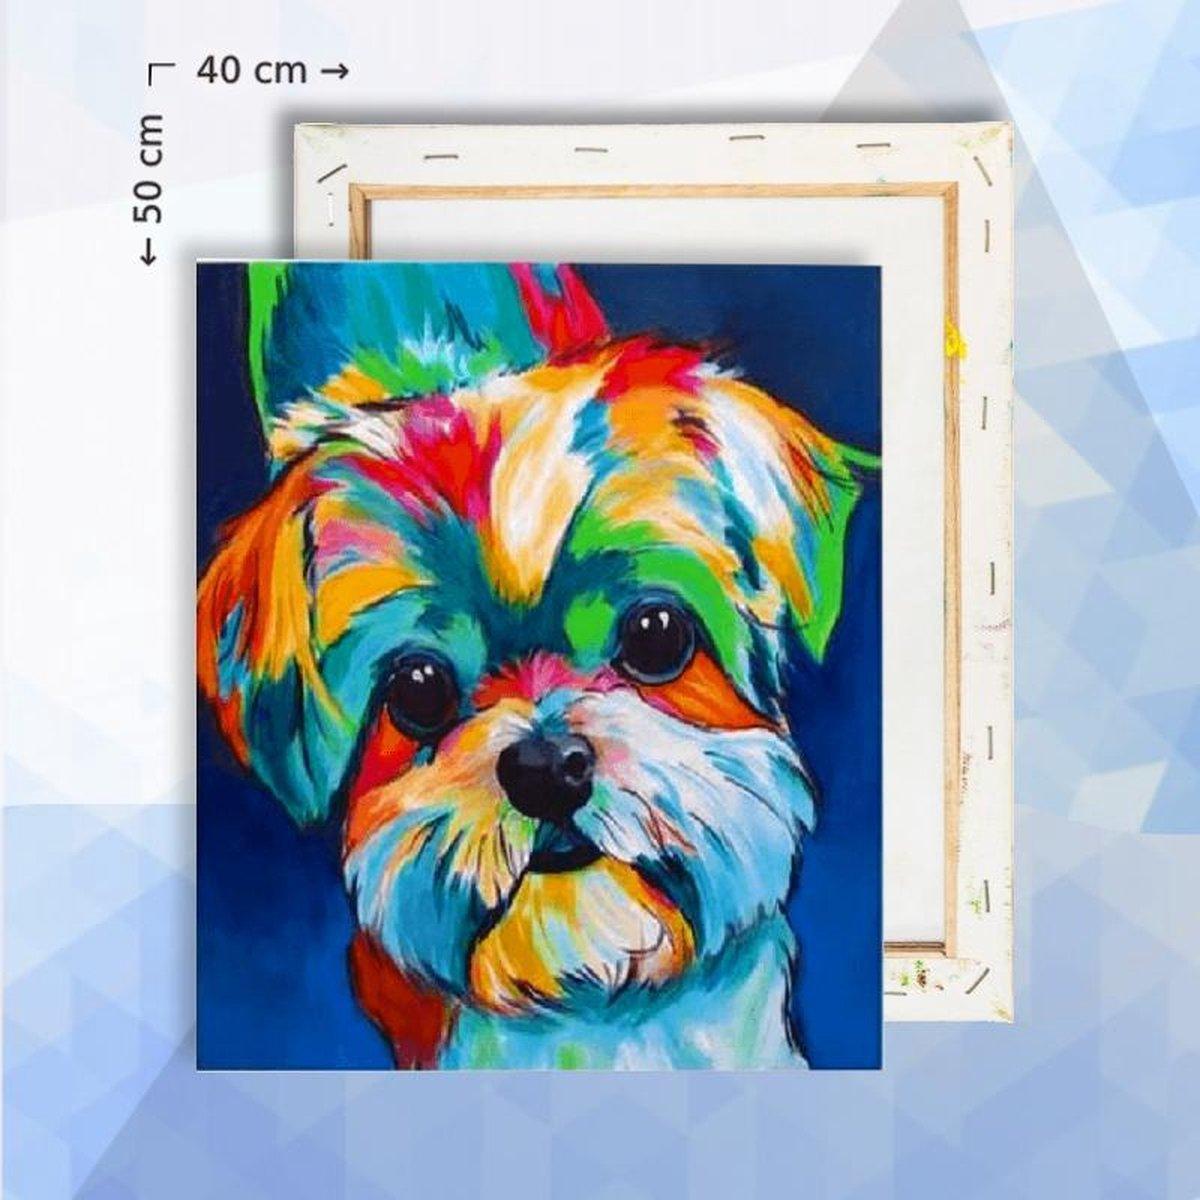 Schilderen op nummer pakket Regenboog hondje - 40 x 50 cm - met frame